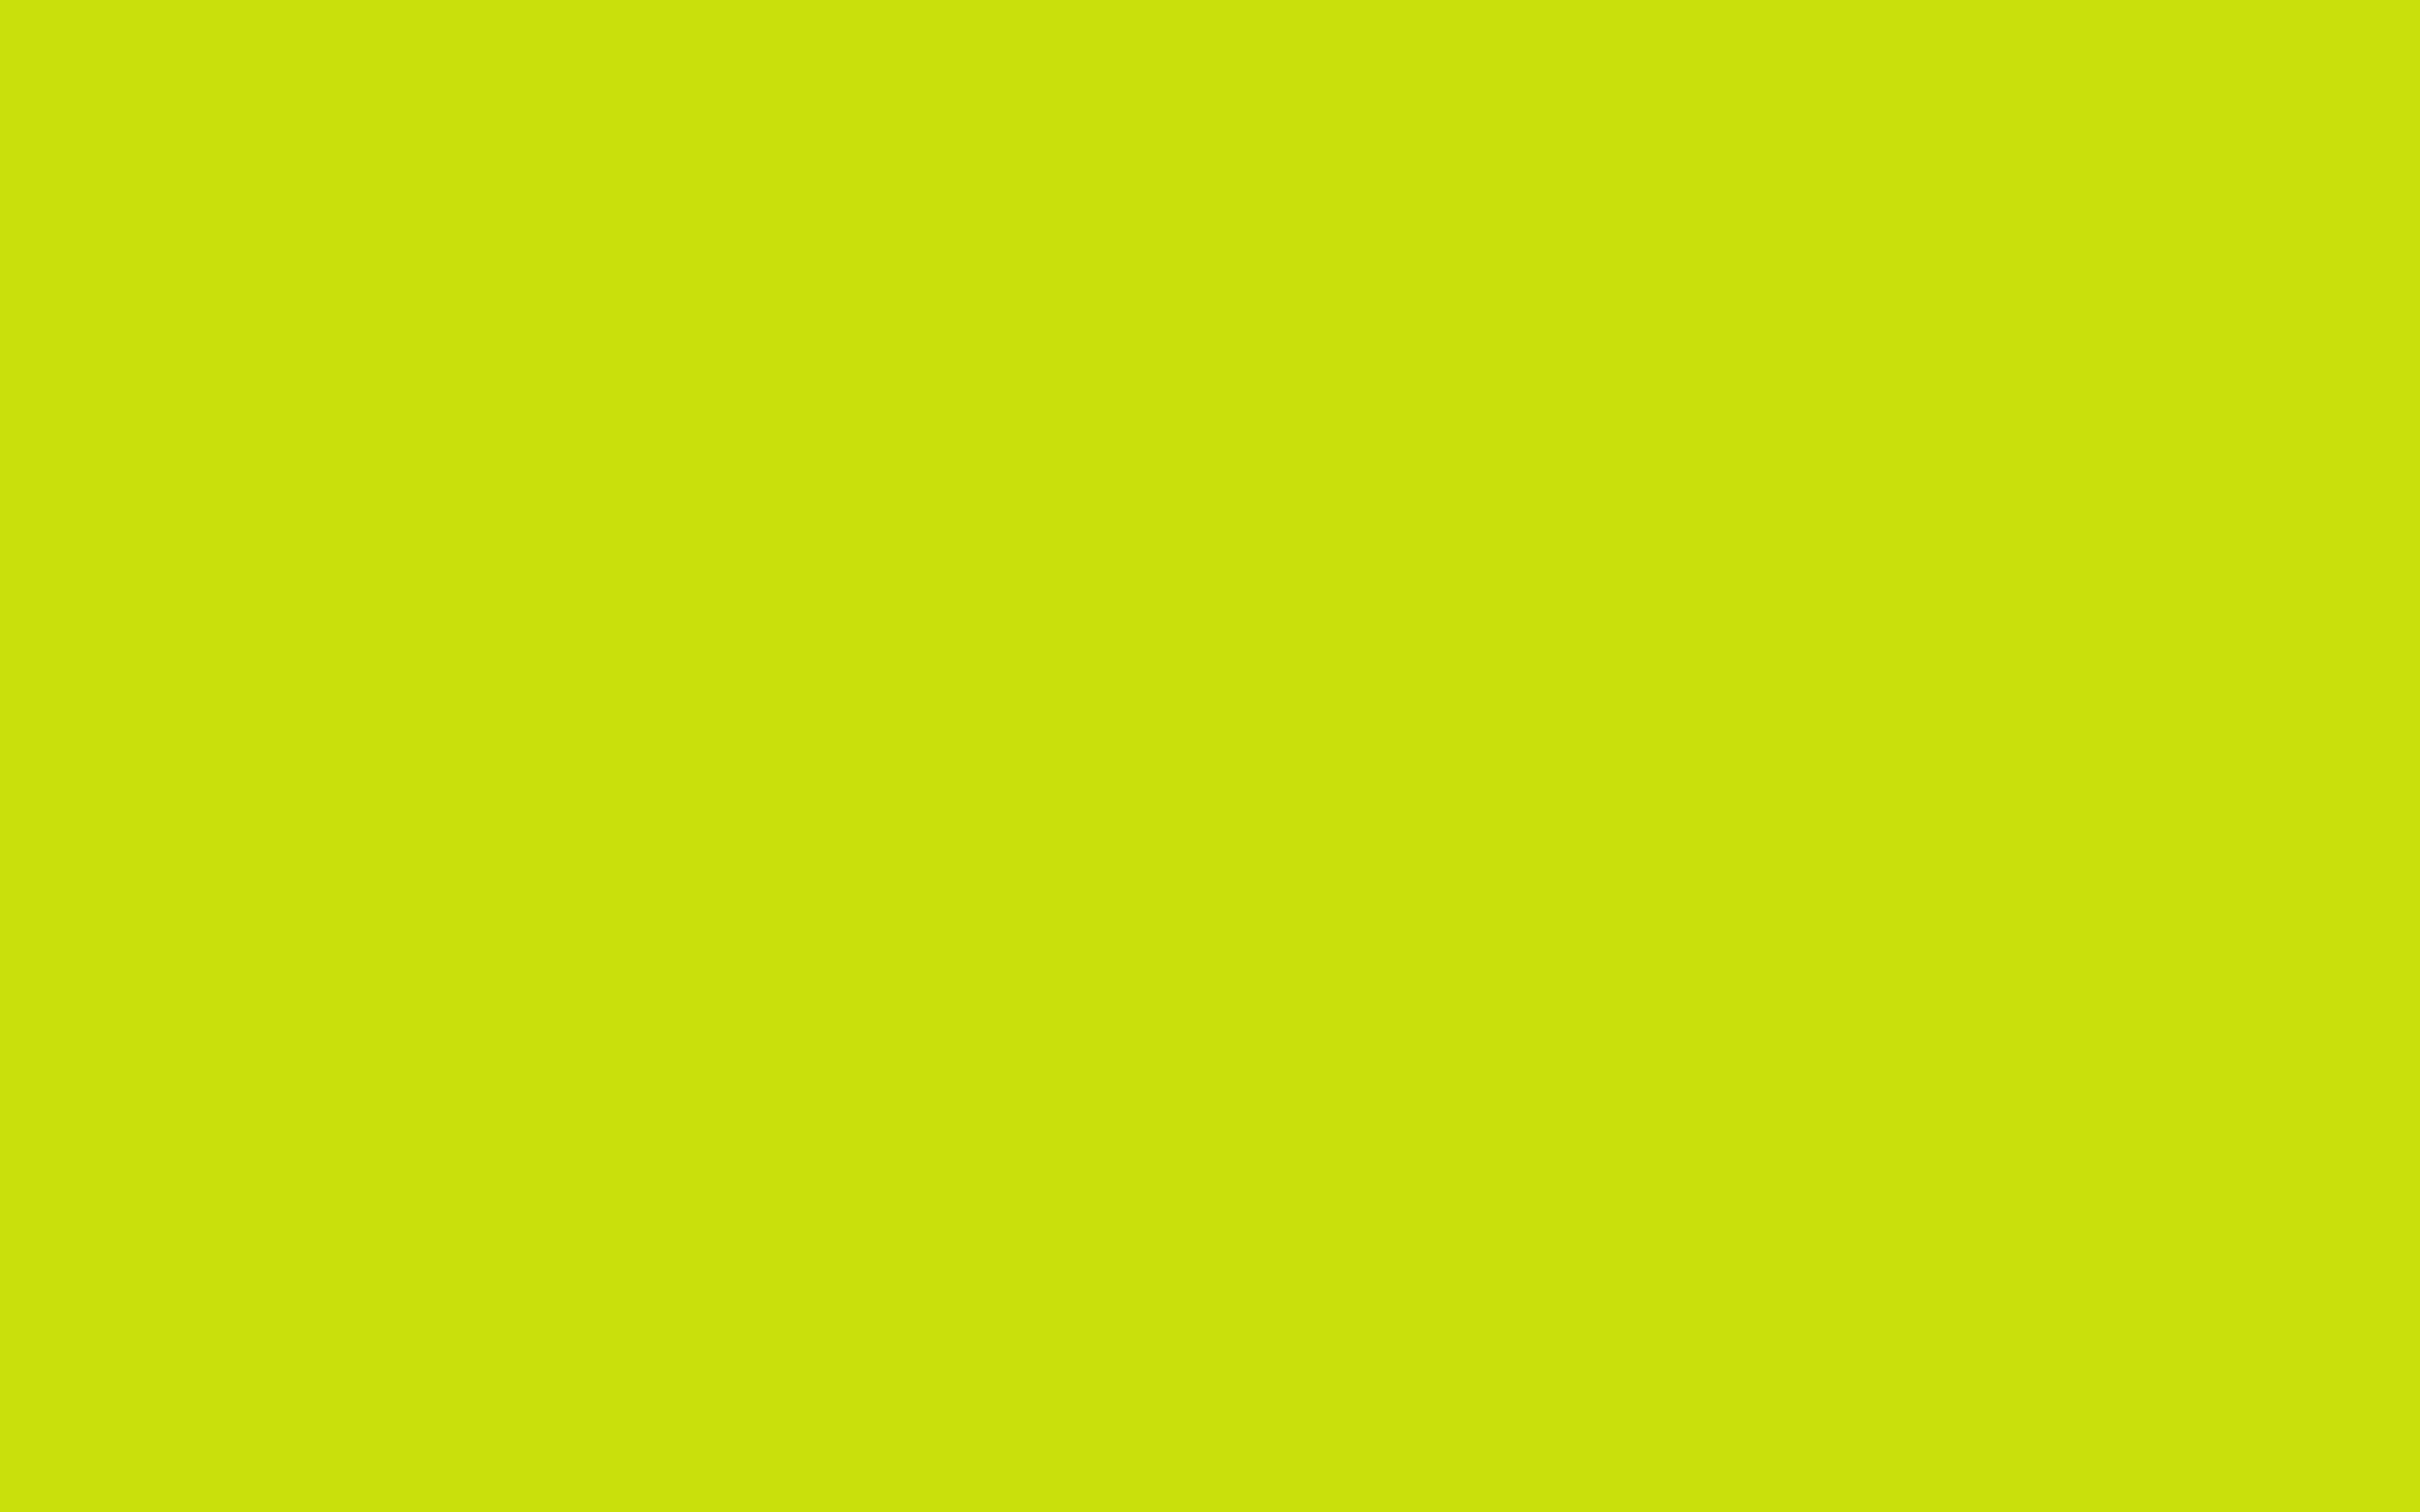 2560x1600 Bitter Lemon Solid Color Background